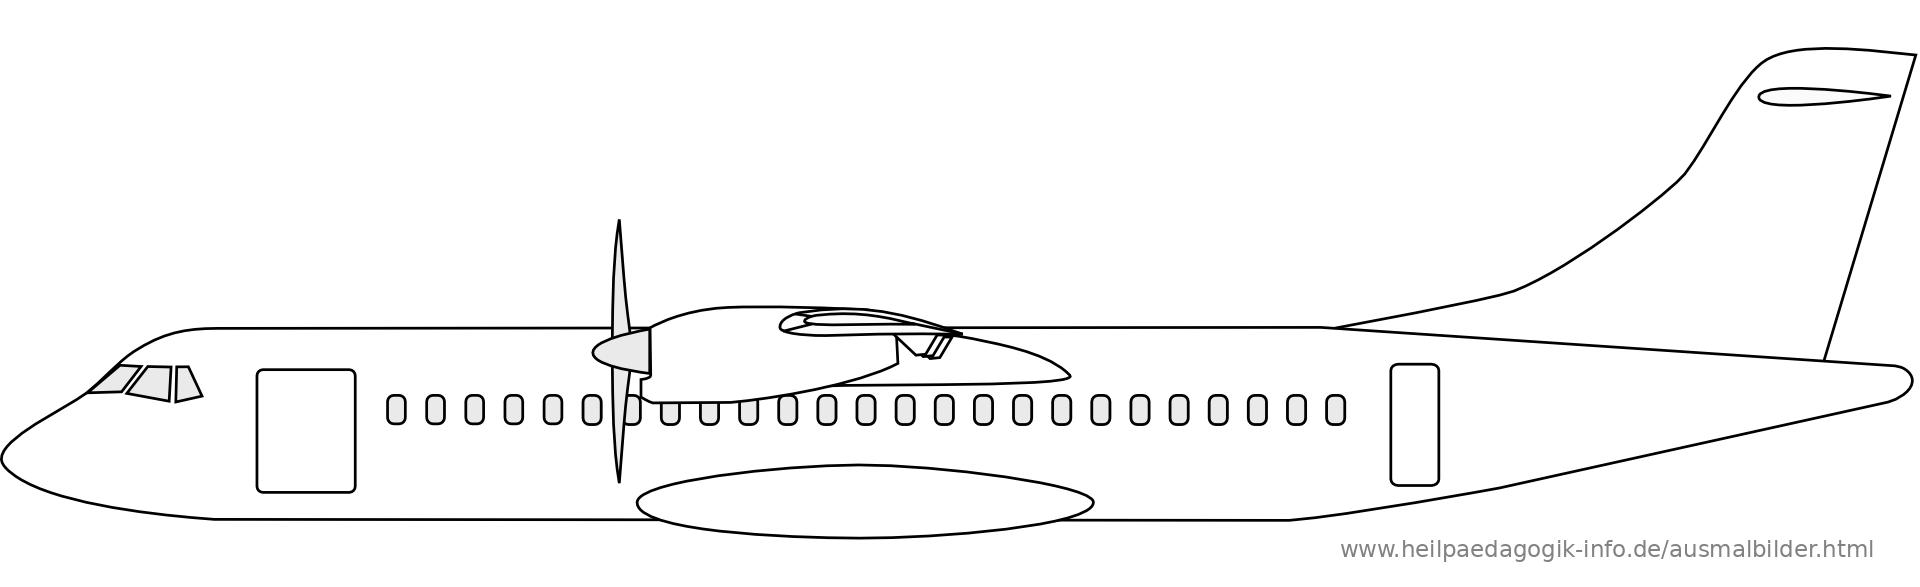 Ausmalbilder Flugzeuge